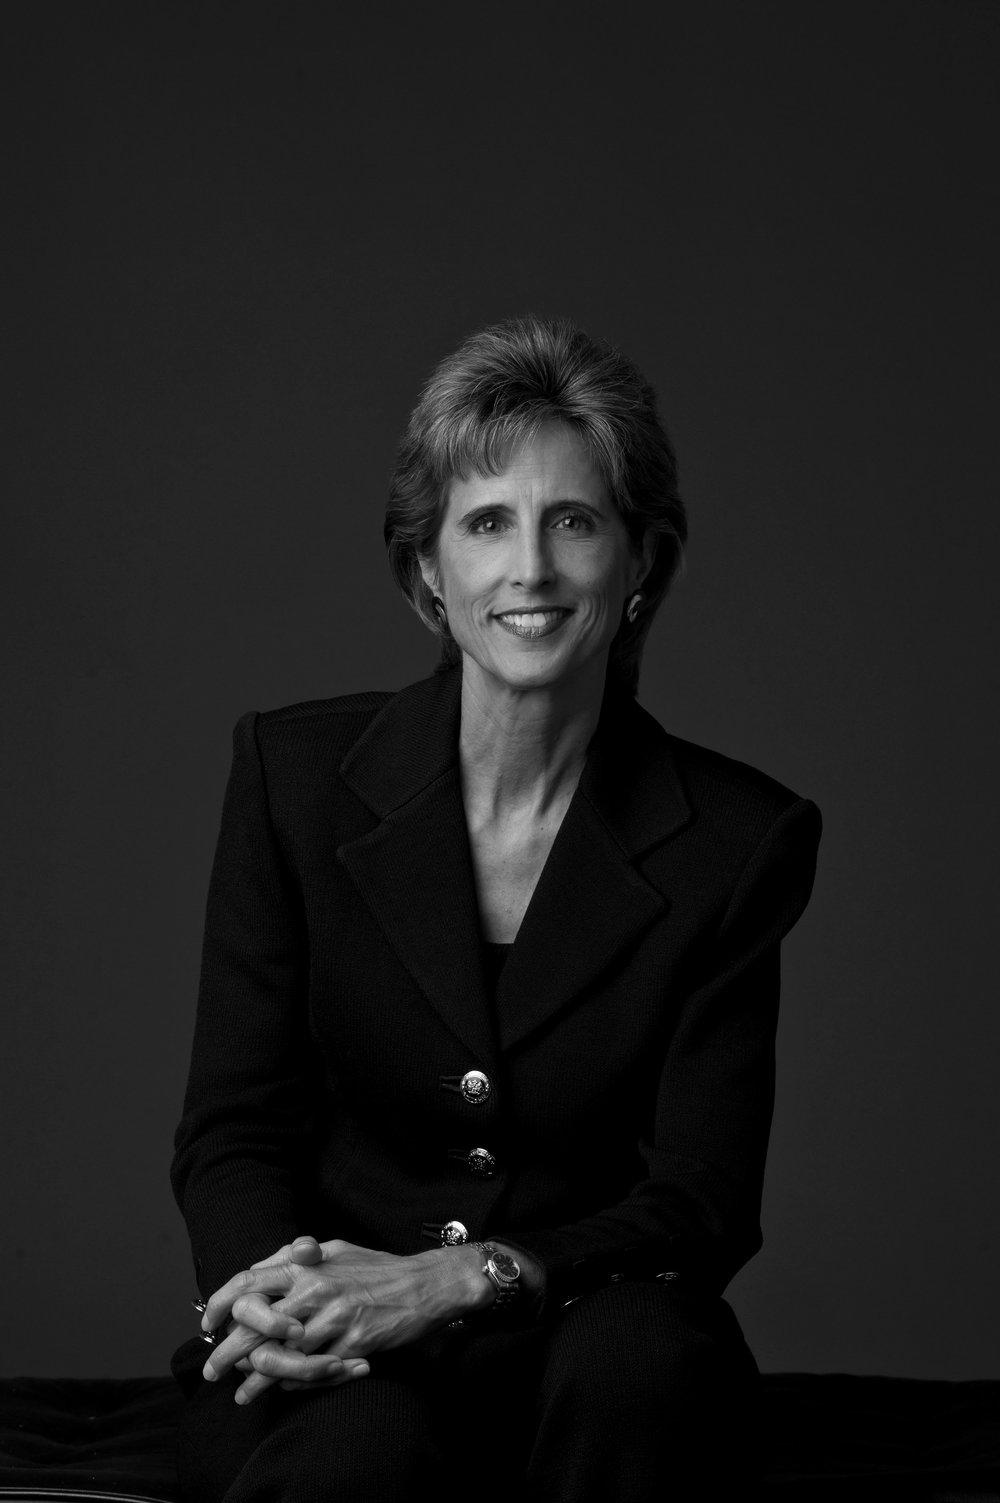 Linda Wiland